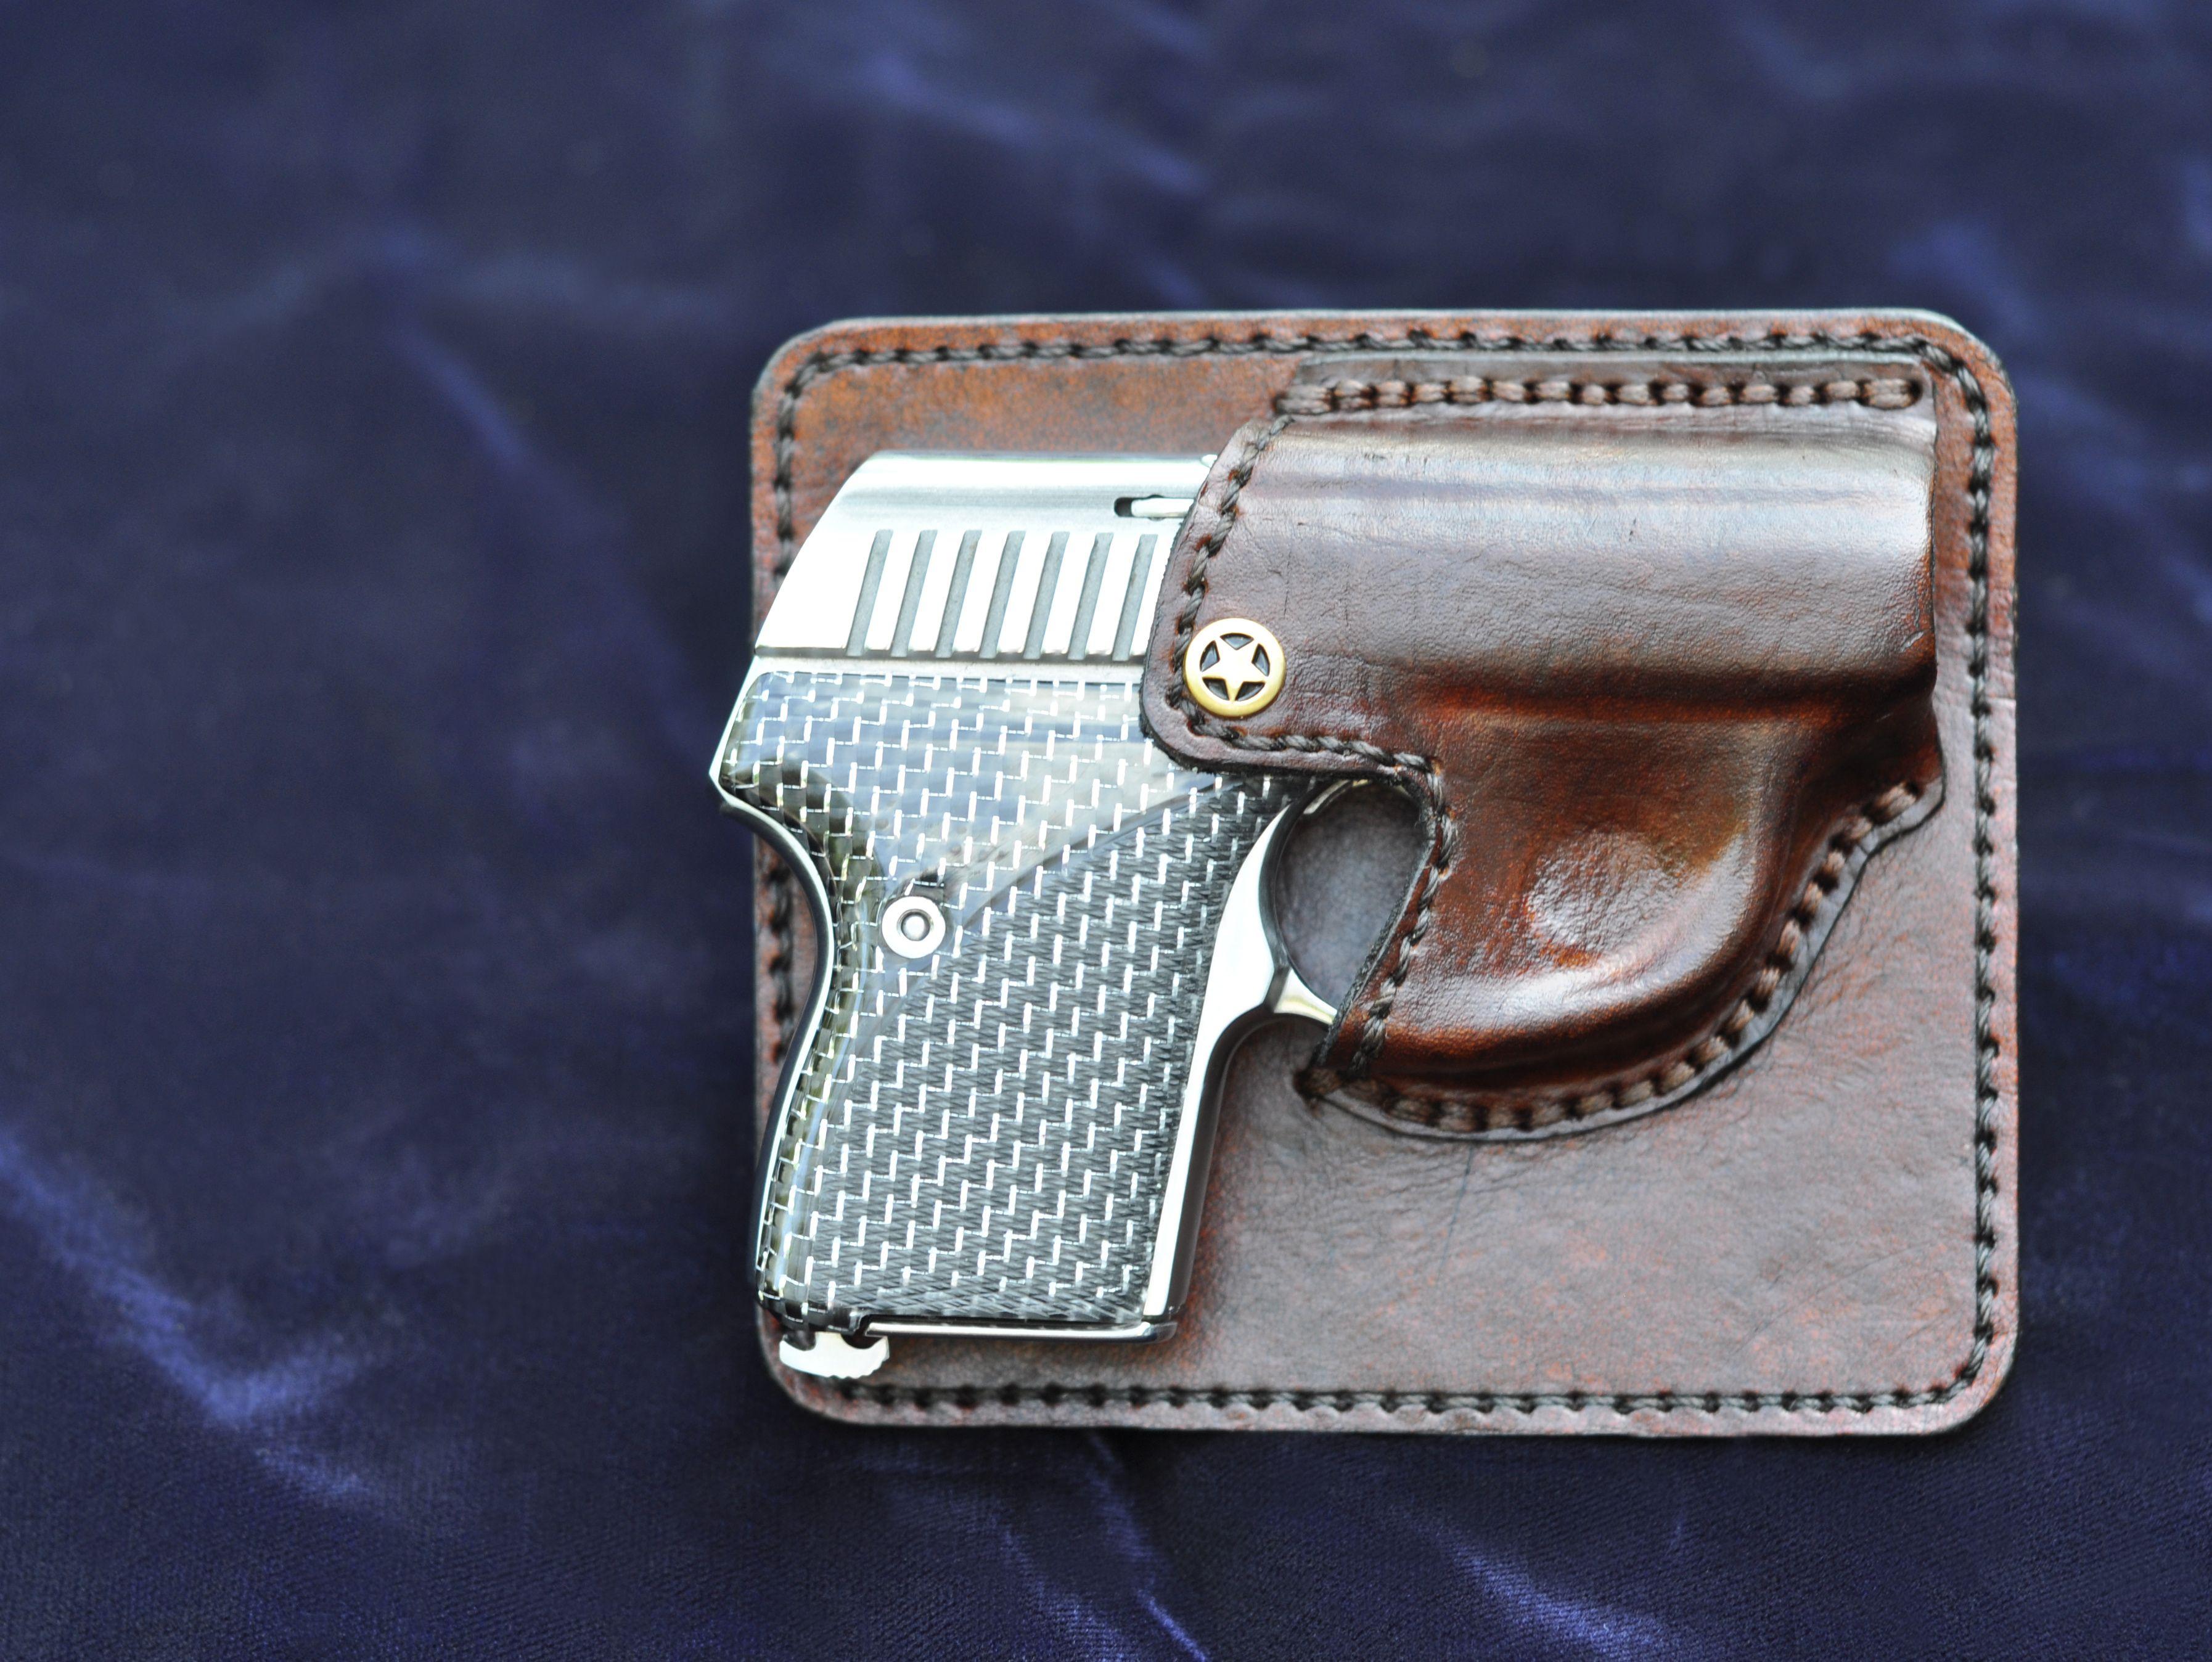 Seecamp back pocket wallet holster  For when an Obama voter